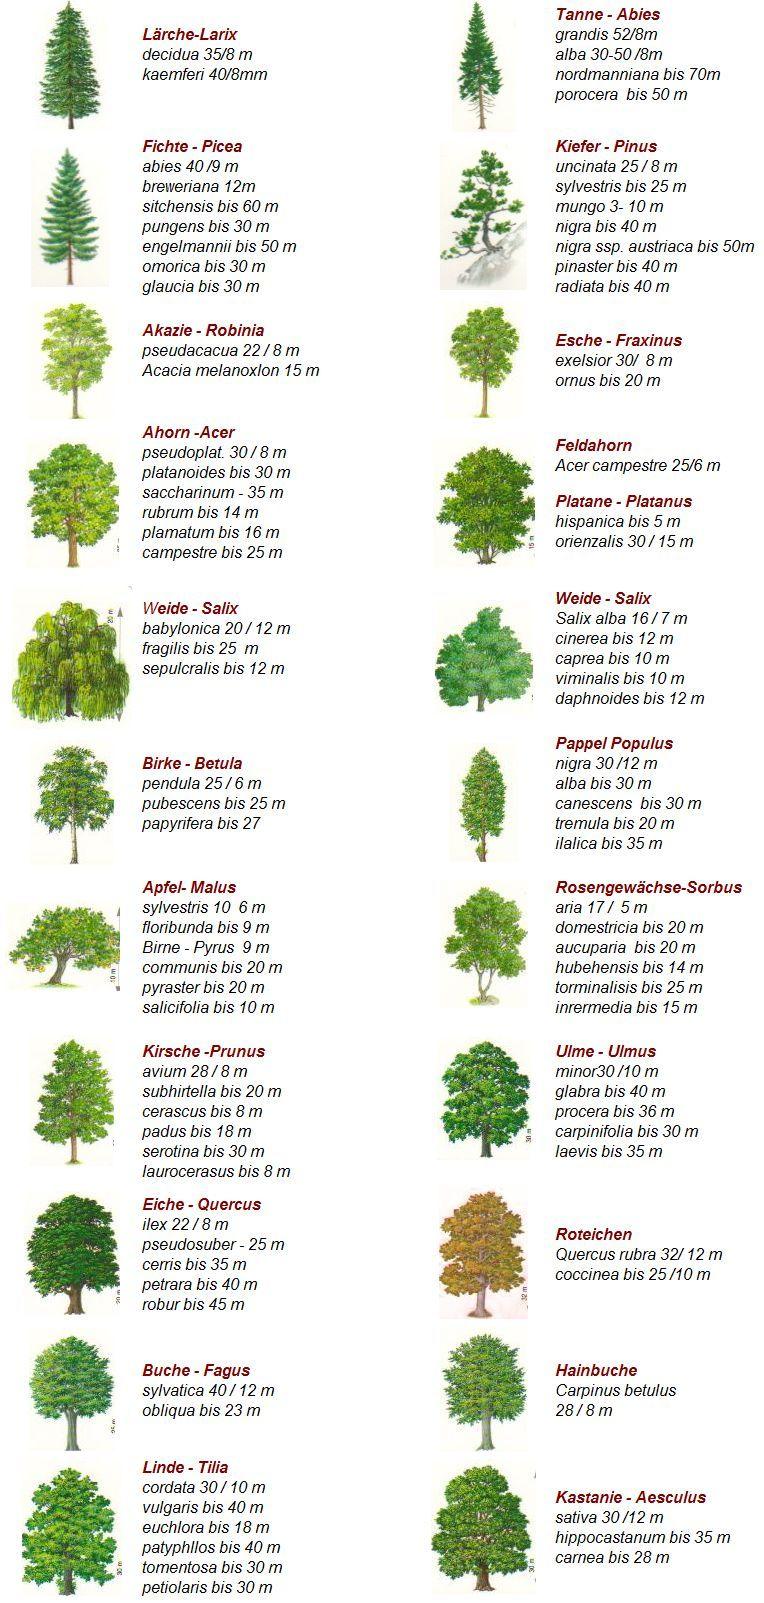 #Thema aus dem Bereich #Biologie: Baumarten | Bonsai ...